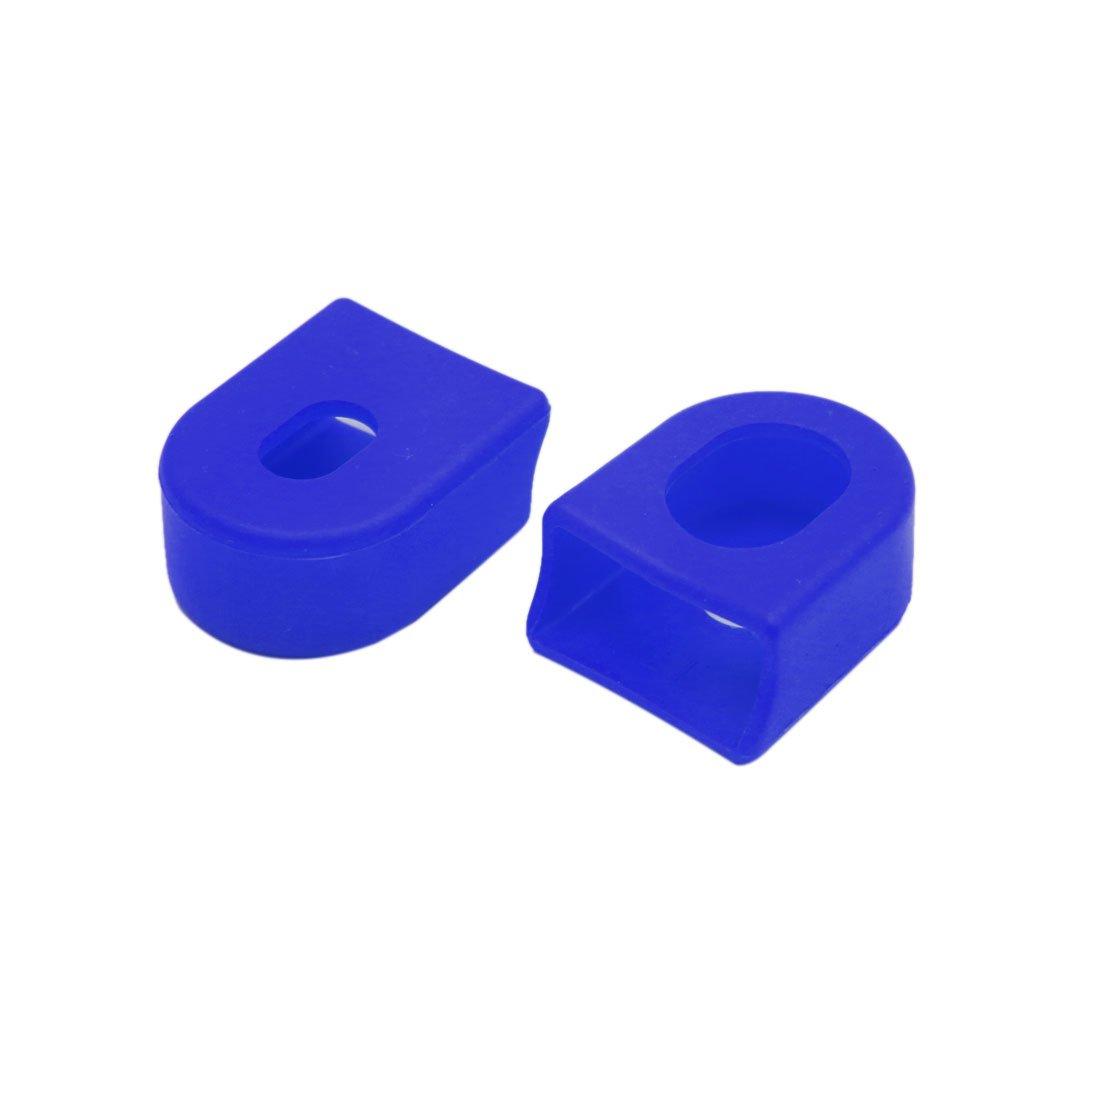 sourcing map 2Pcs Tapa Protector Plástico para Bicicleta Azul Botas del Brazo de Manivela del Plato